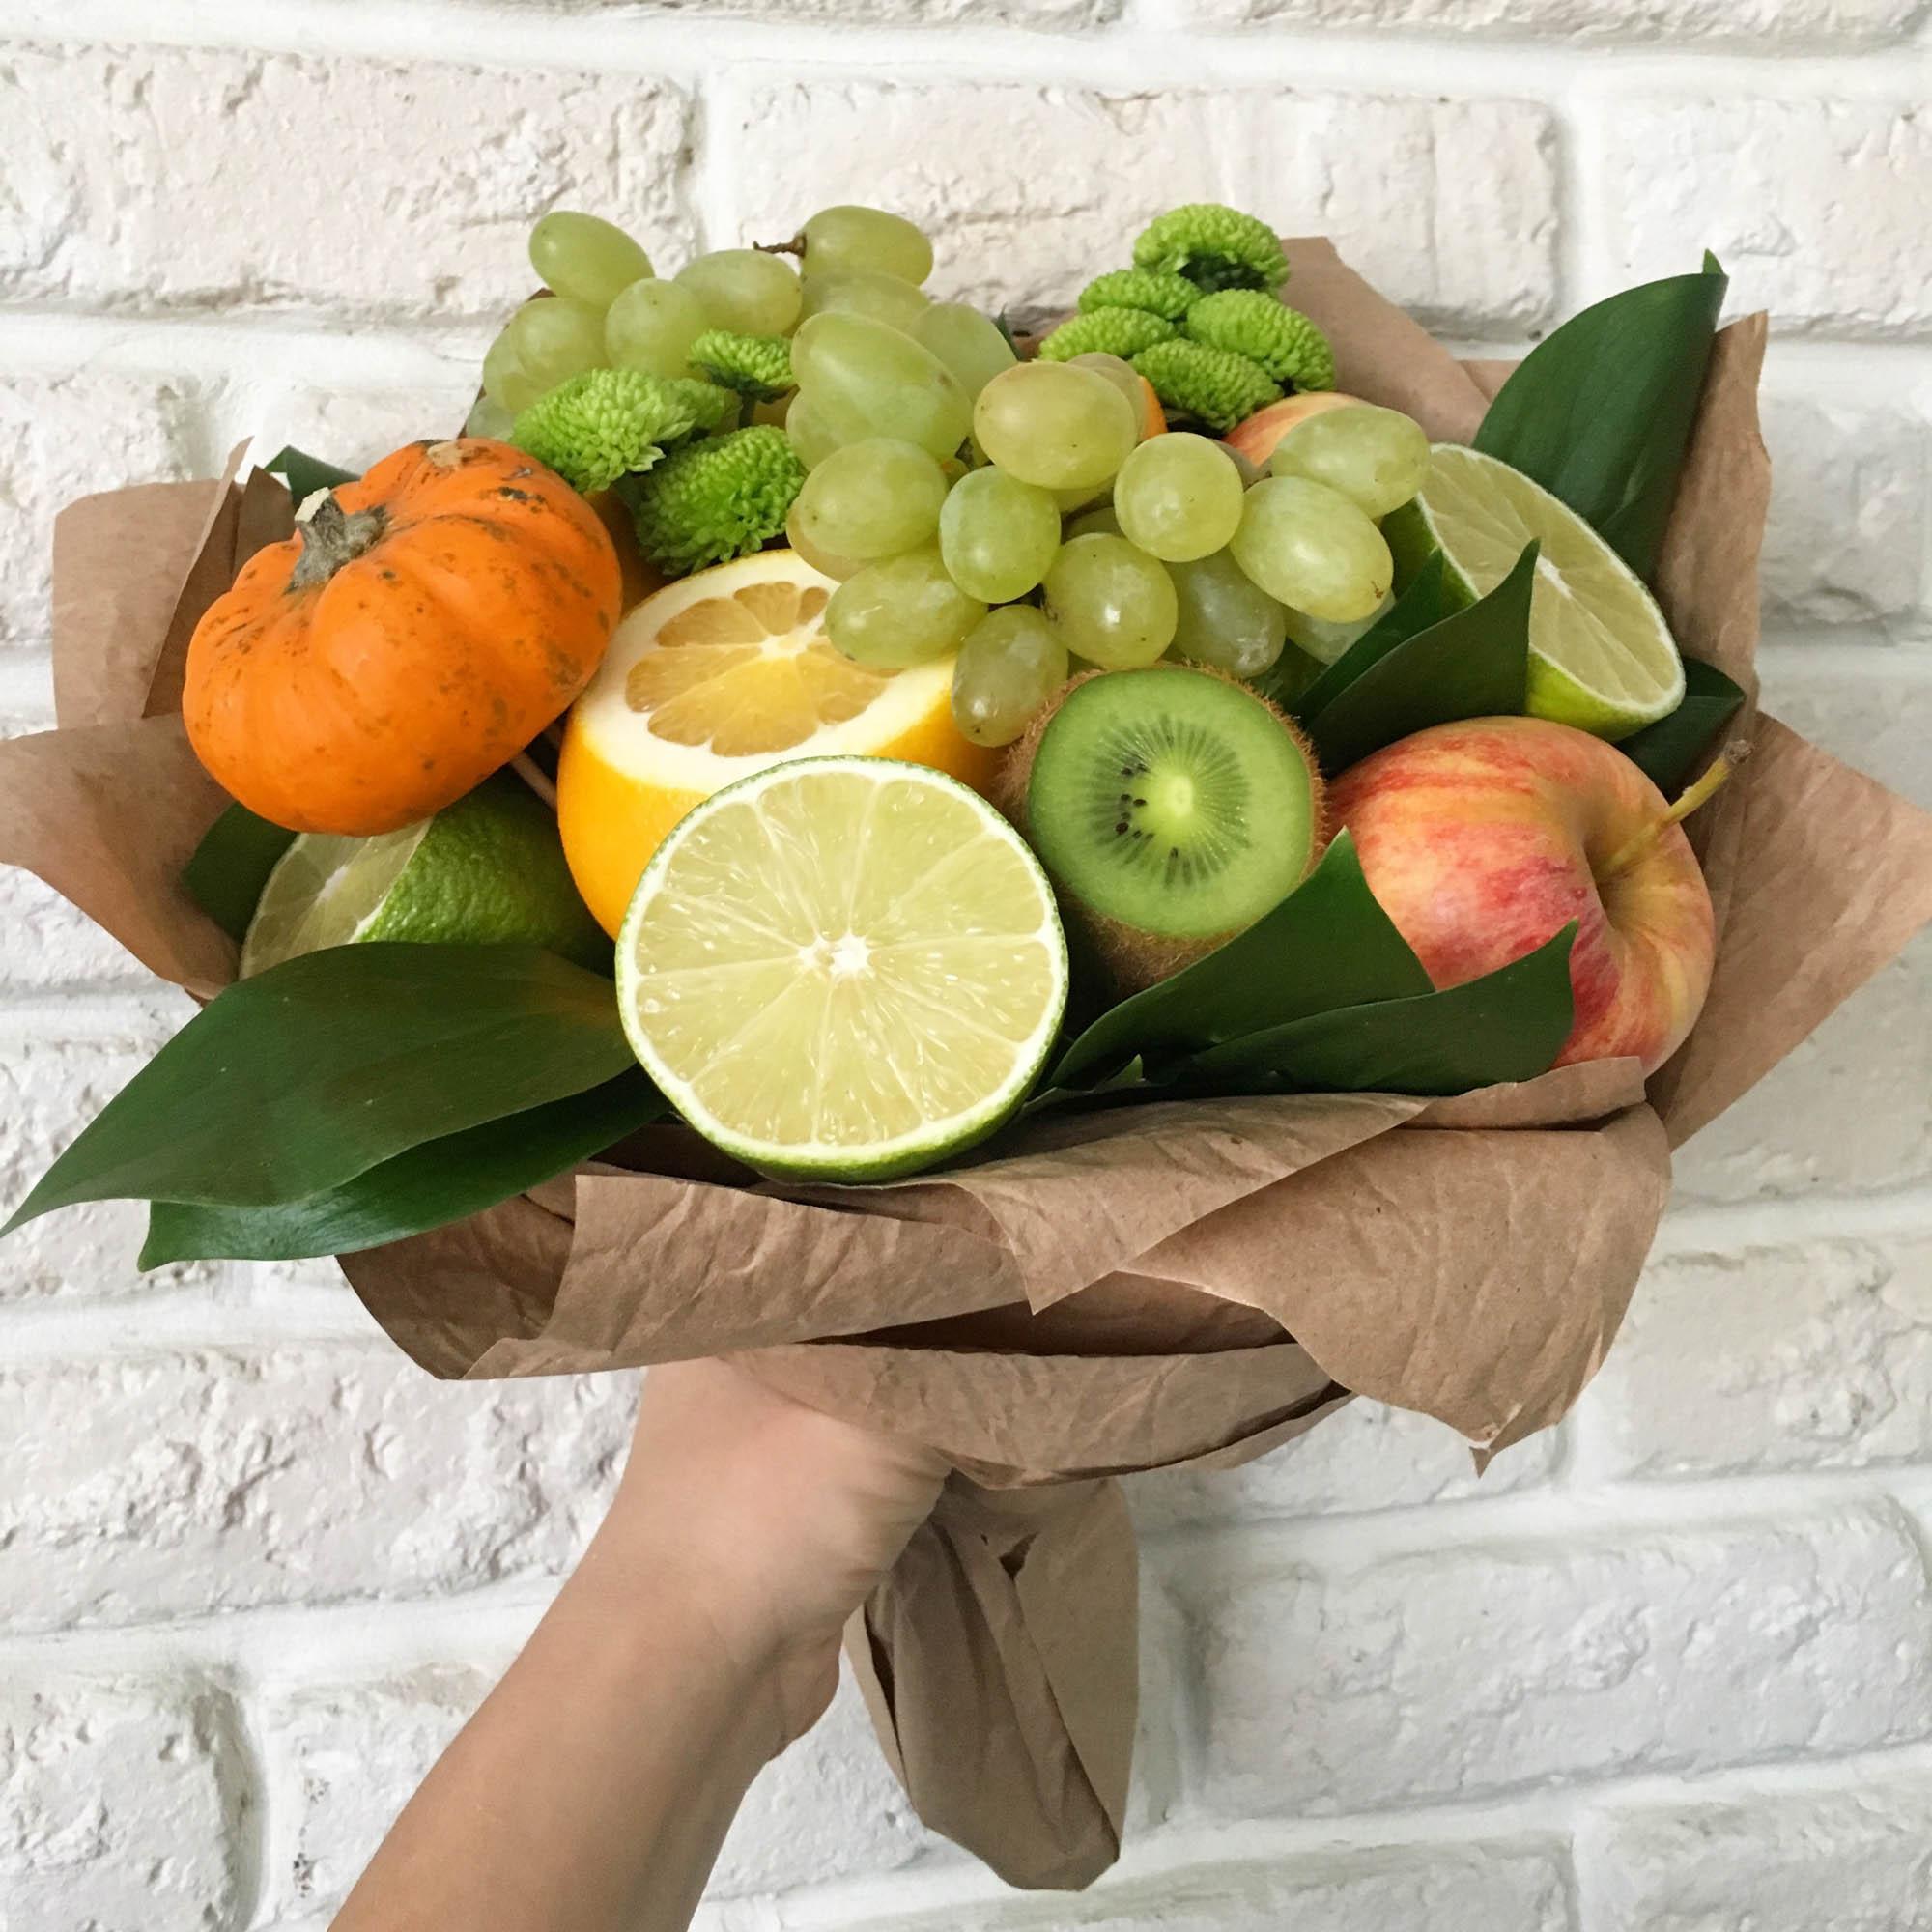 фруктовые букеты своими руками фото пошагово центре событий мультфильма